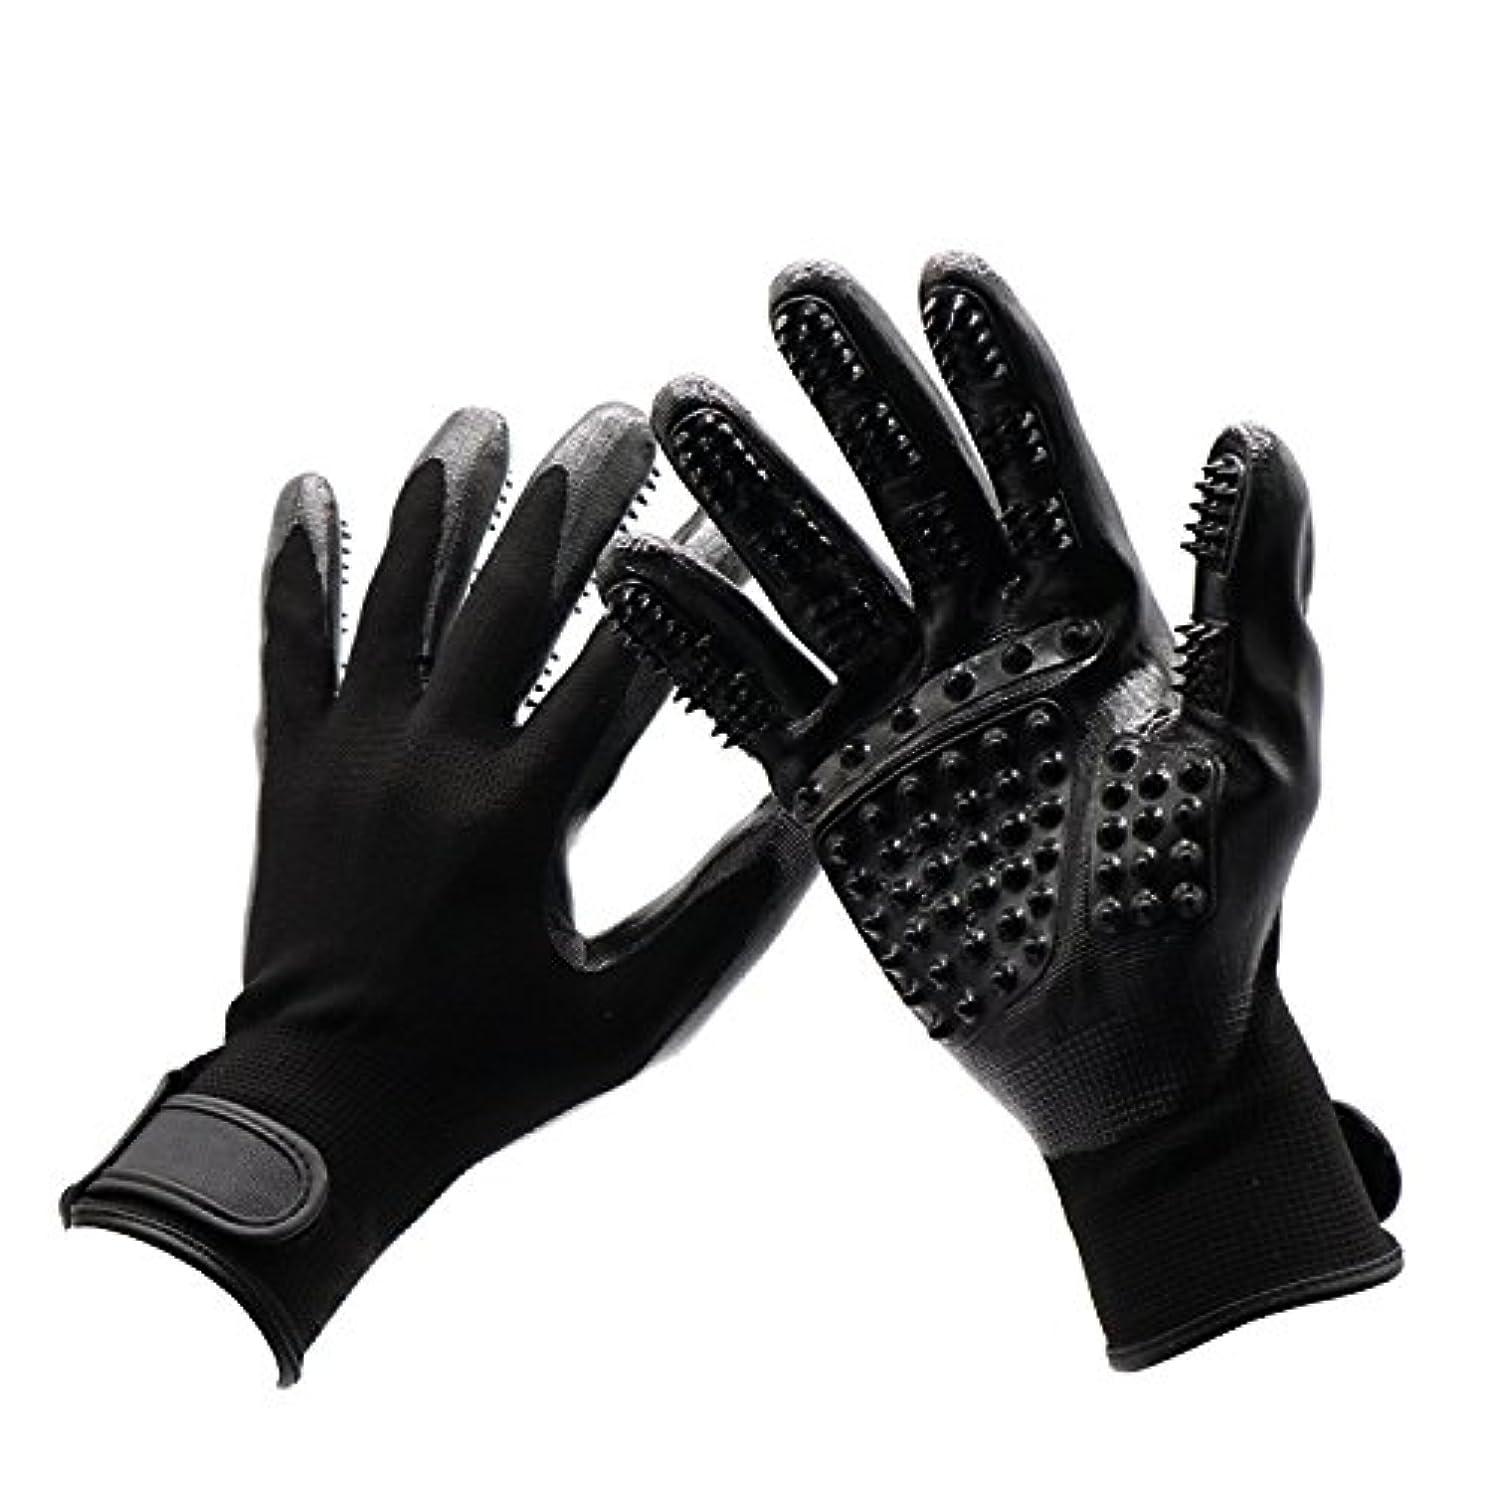 溶けたパフ成長するBTXXYJP 手袋 ペット ブラシ 猫 ブラシ グローブ クリーナー 抜け毛取り マッサージブラシ 犬 グローブ ペット毛取りブラシ お手入れ (Color : Black, Size : L- 9.6*5.5in)